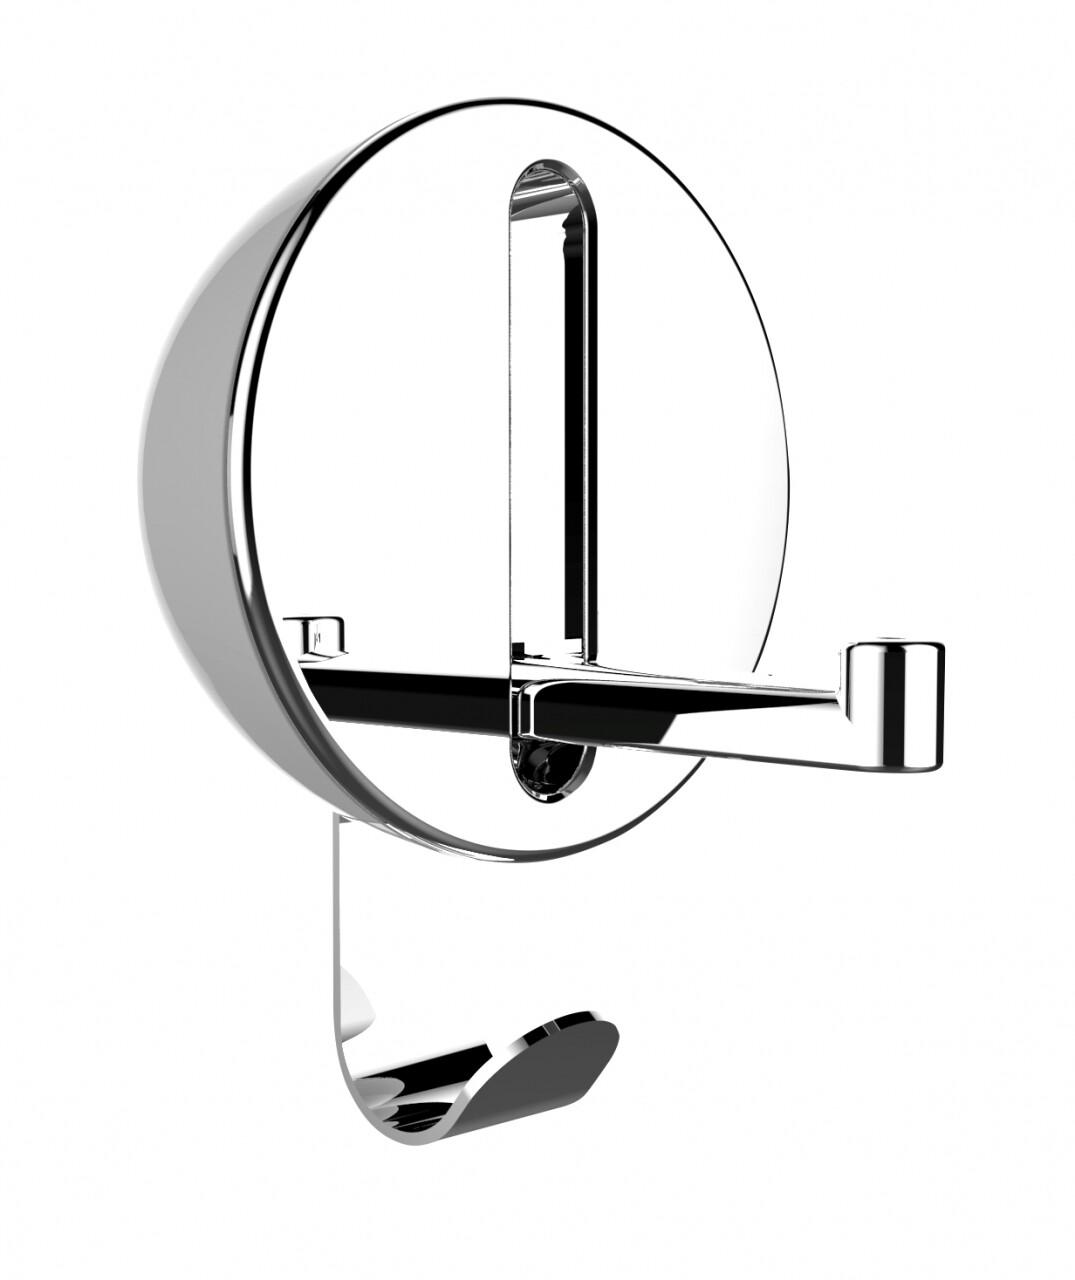 Agatatoare cuier pliabil Premium Delta, WENKO, 8 x 2.5 x 12 cm, metal cromat/plastic/magnet, alb/argintiu